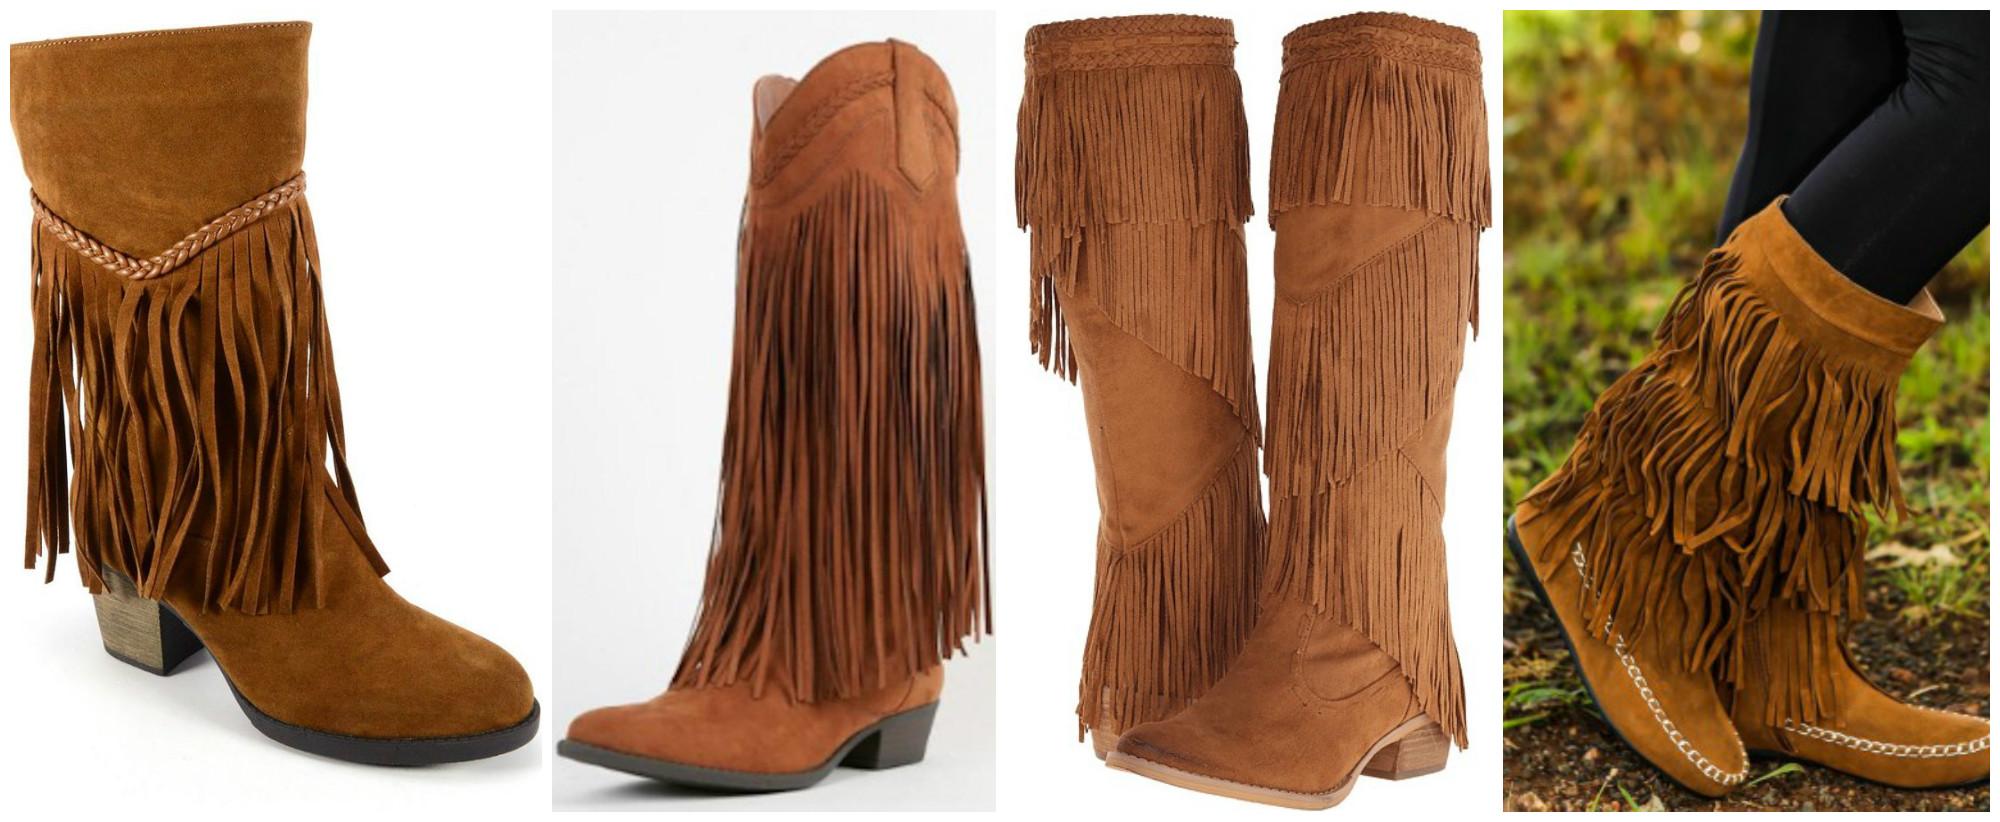 Wear it Wednesday: Fringe Boots - JK Style